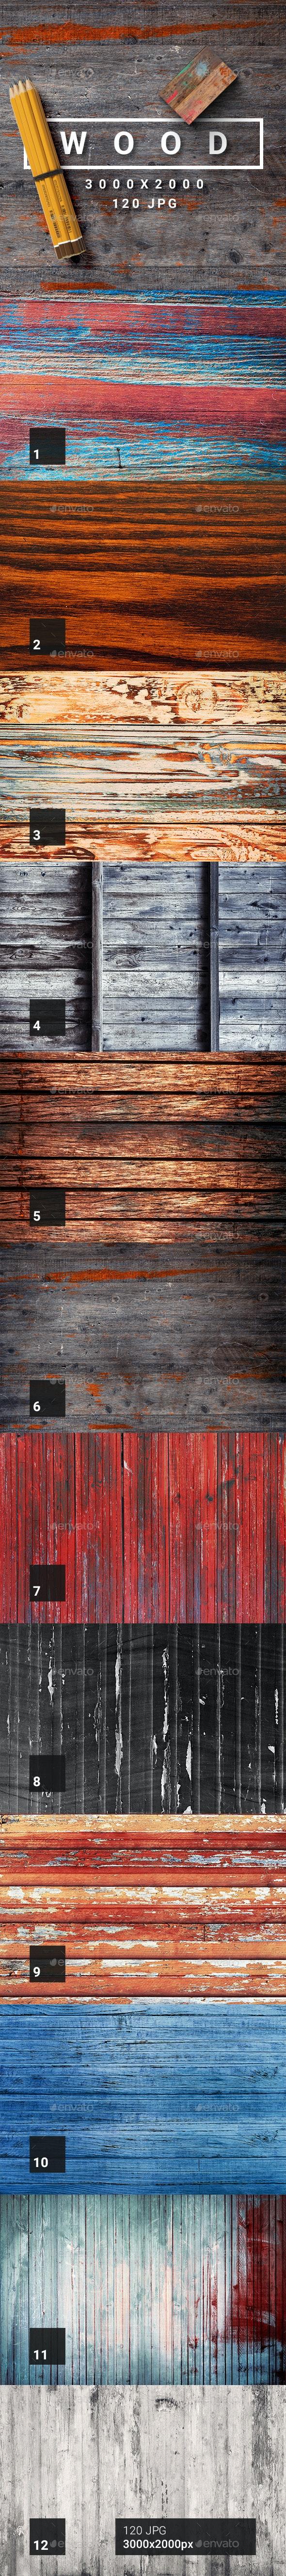 120 Wood Textures - Wood Textures